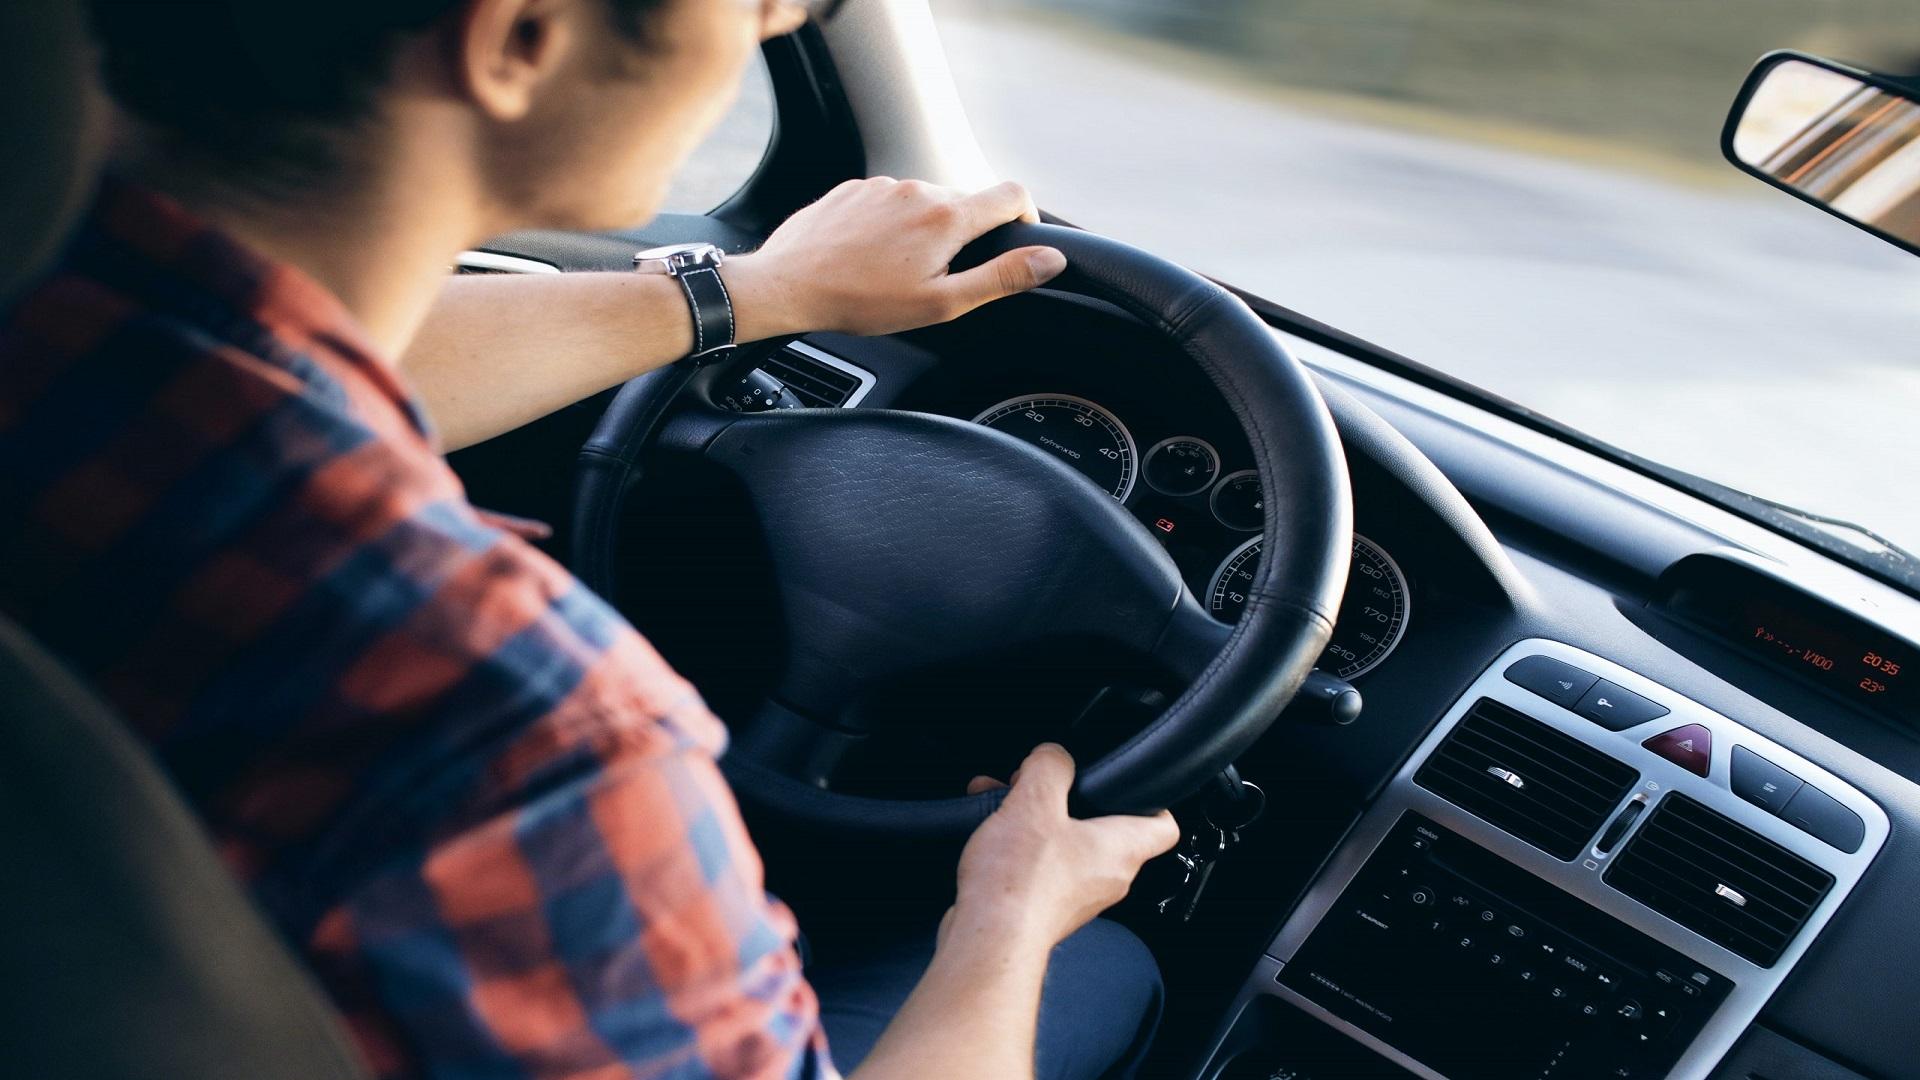 自己破産をすると車はどうなる?手元に残す方法や注意点を解説